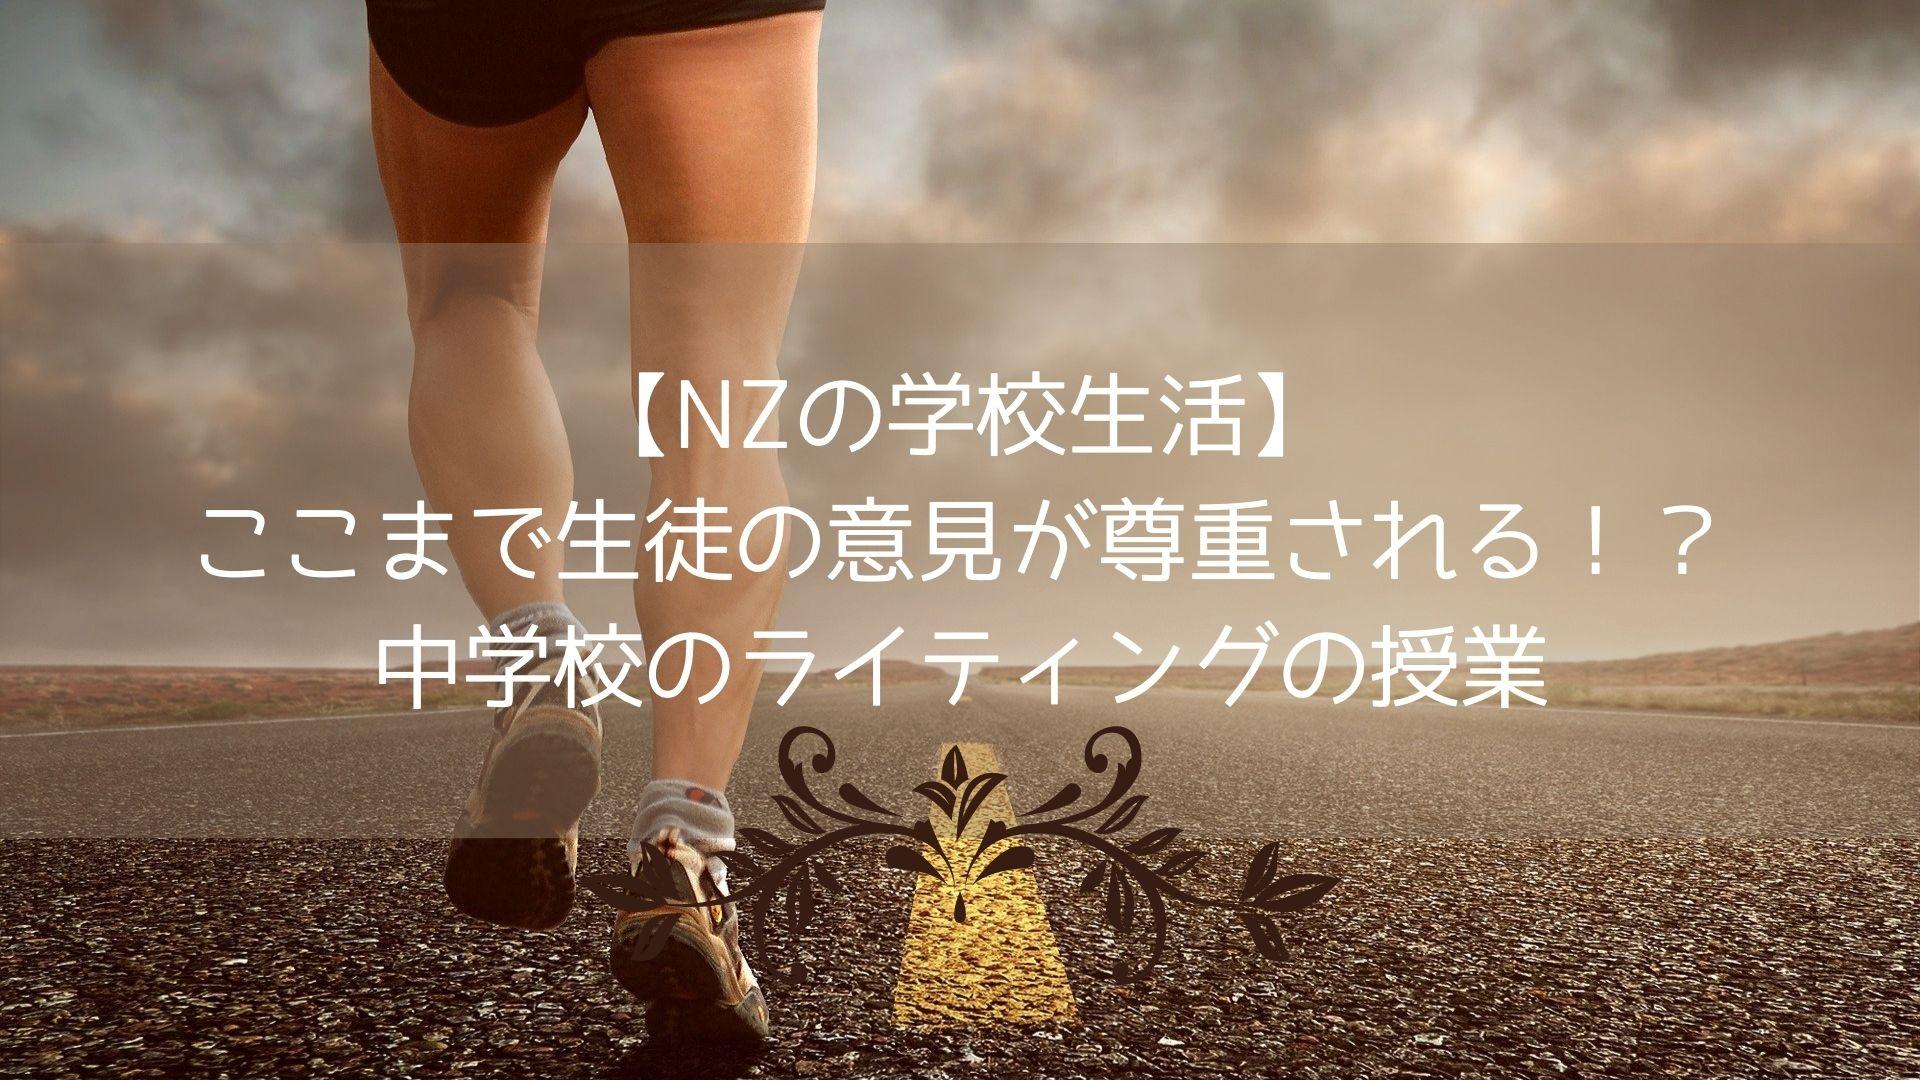 【NZの学校生活】ここまで生徒の意見が尊重される!?中学校のライティングの授業